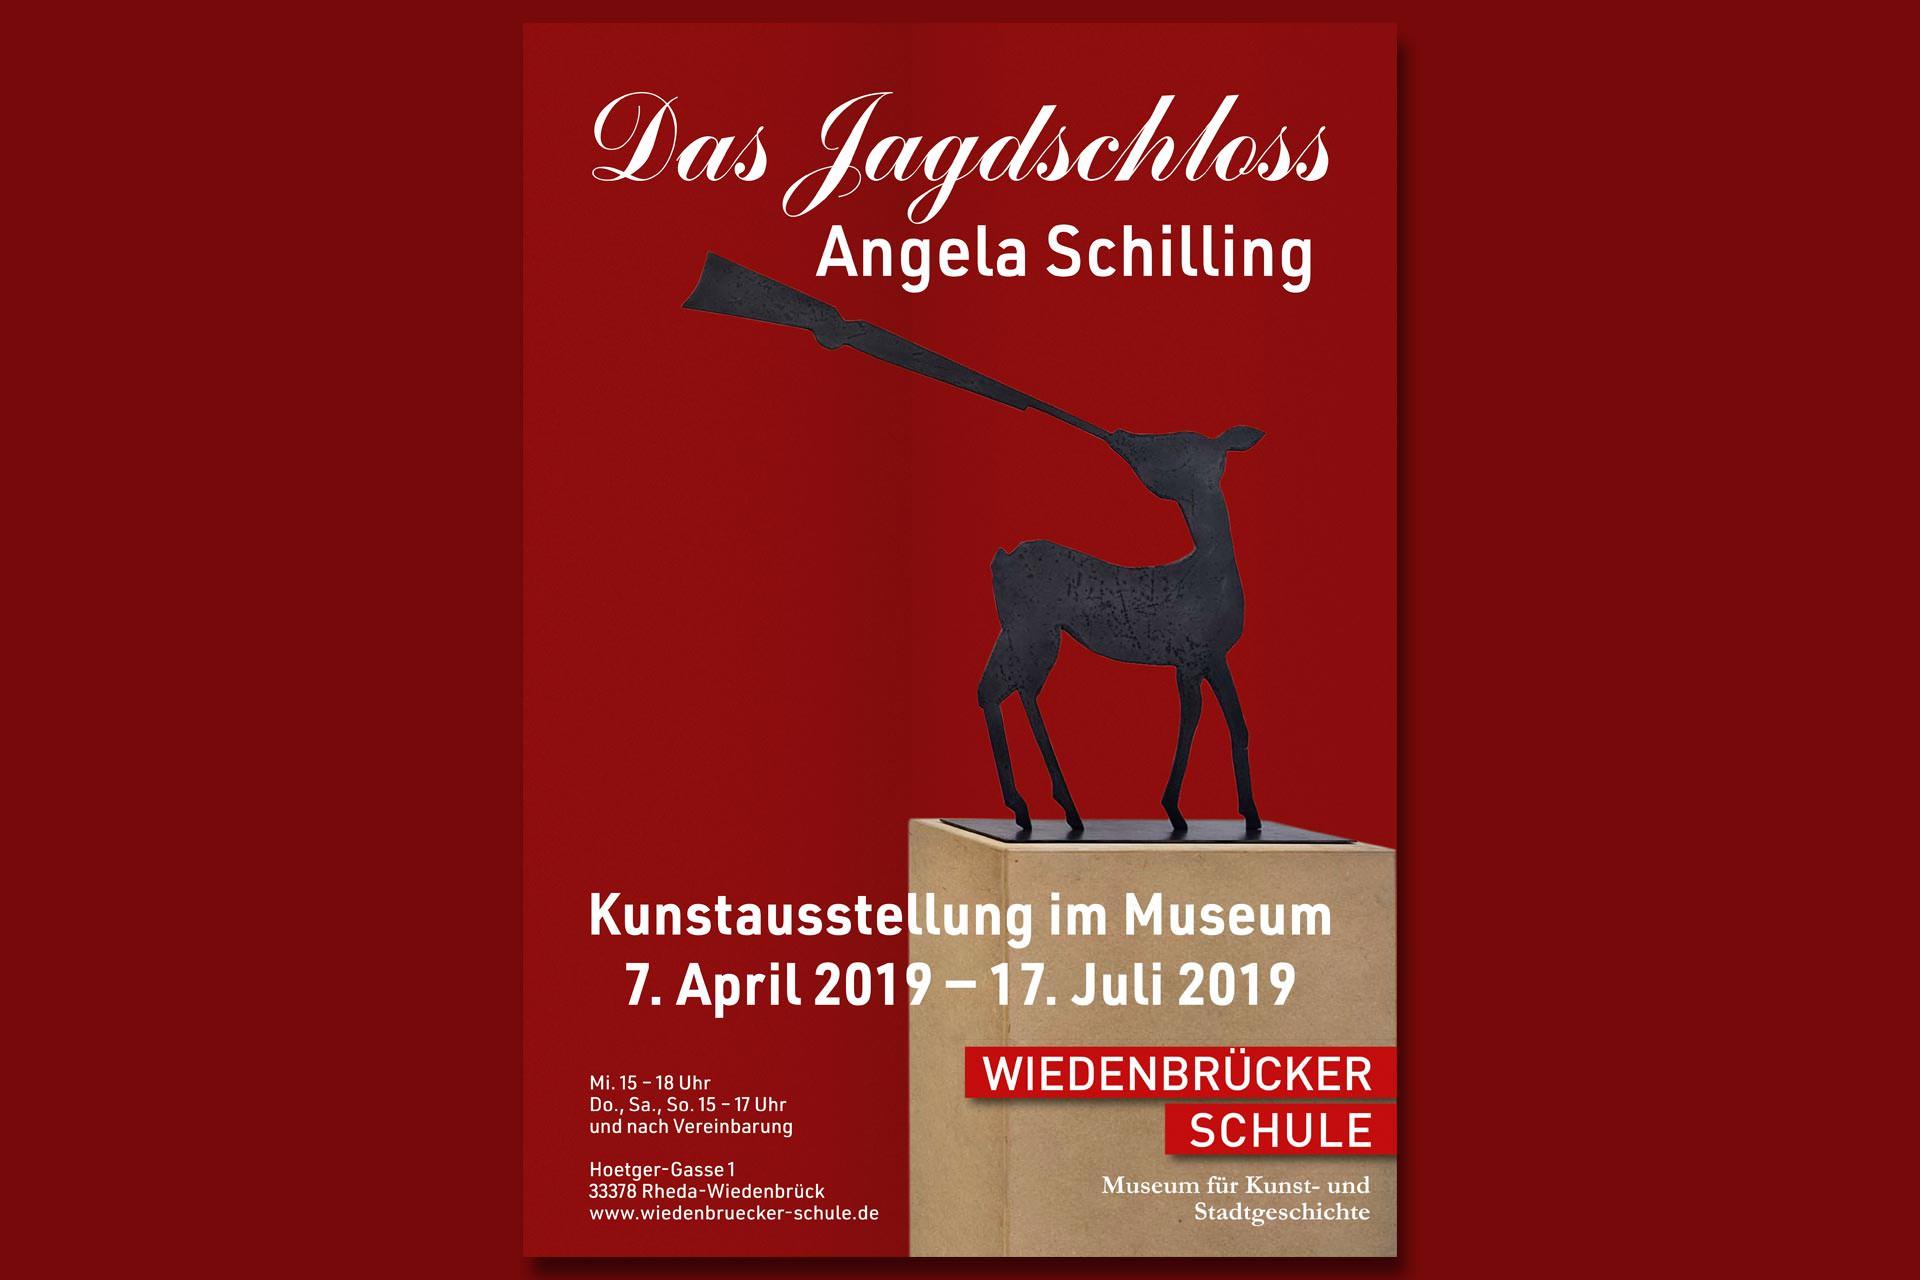 Plakat Ausstellung Das Jagschloss Angela Schilling